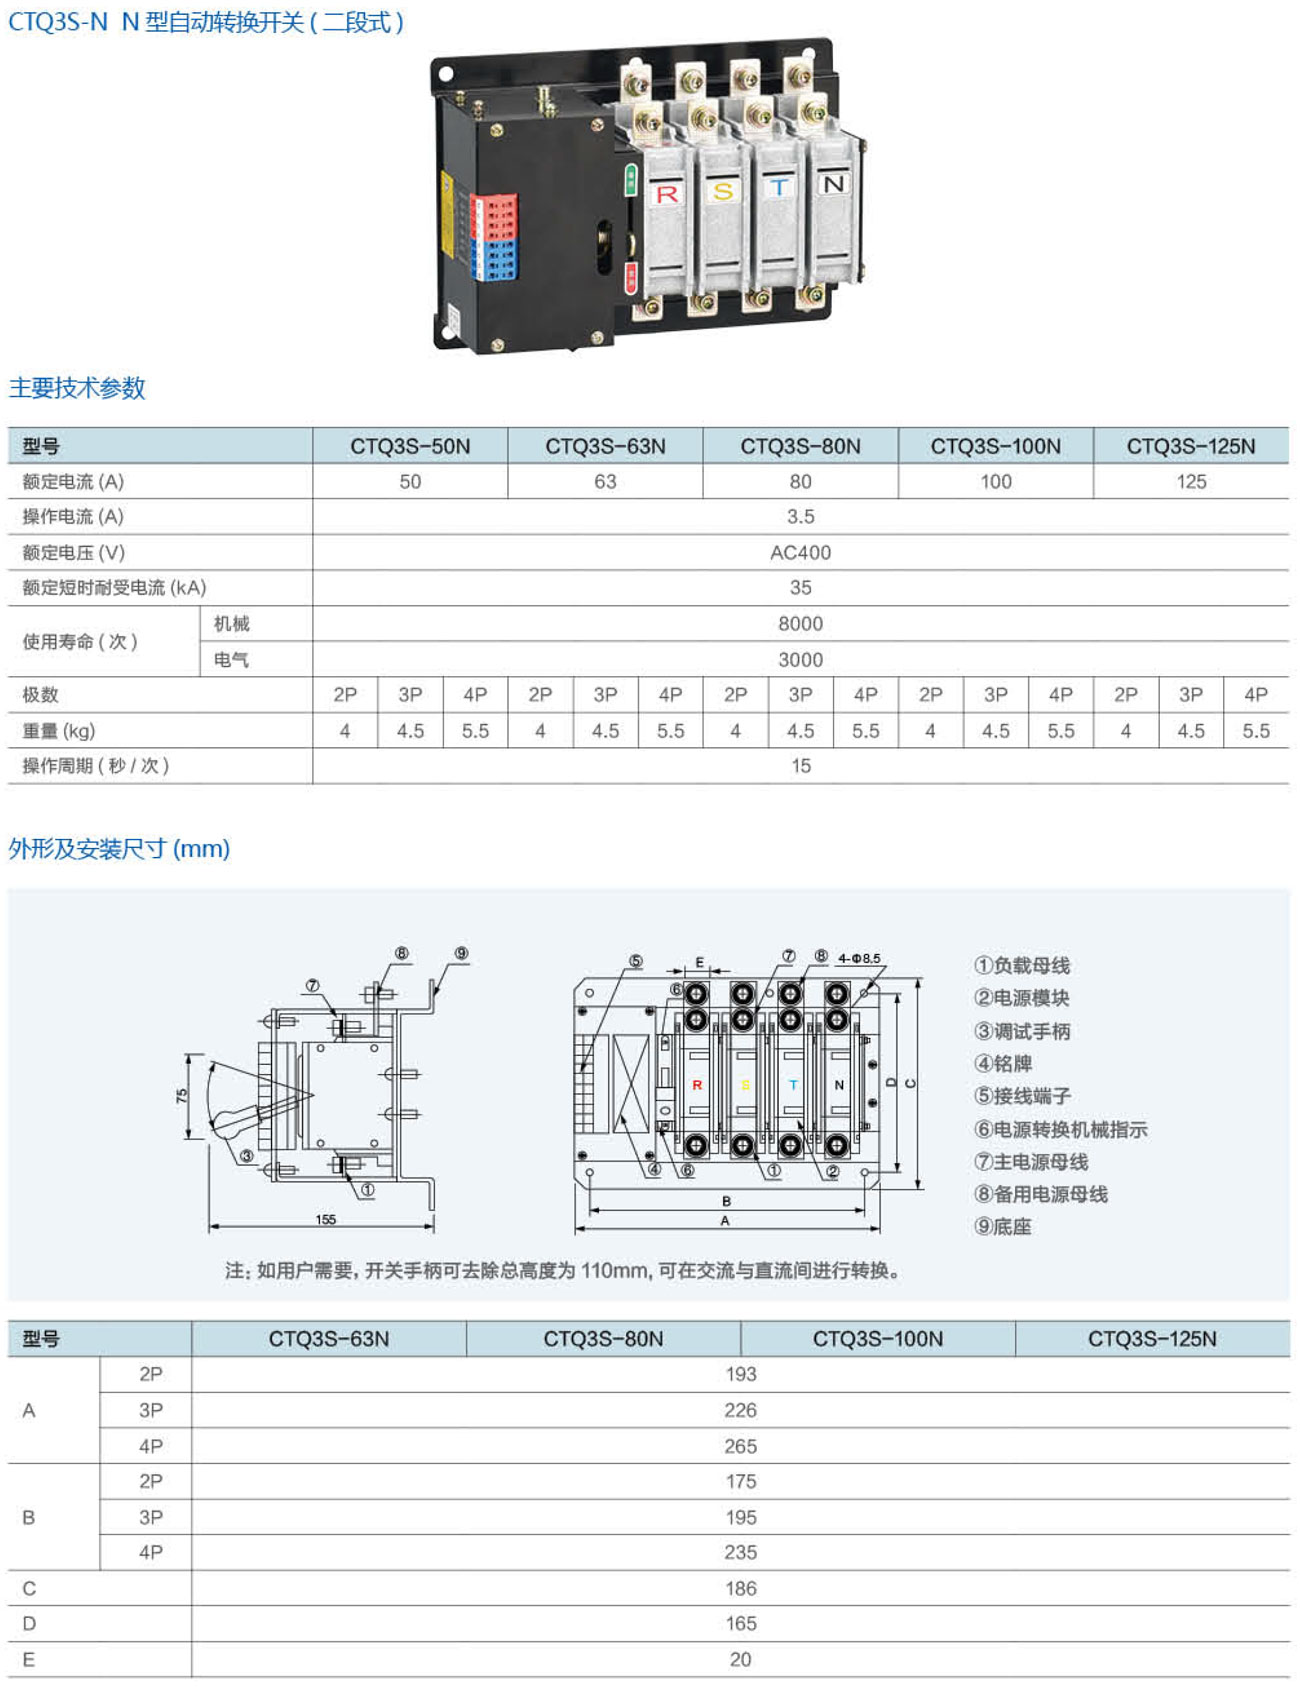 CTQ3S-N-N型自動轉換開關(二段式)-3-1.jpg